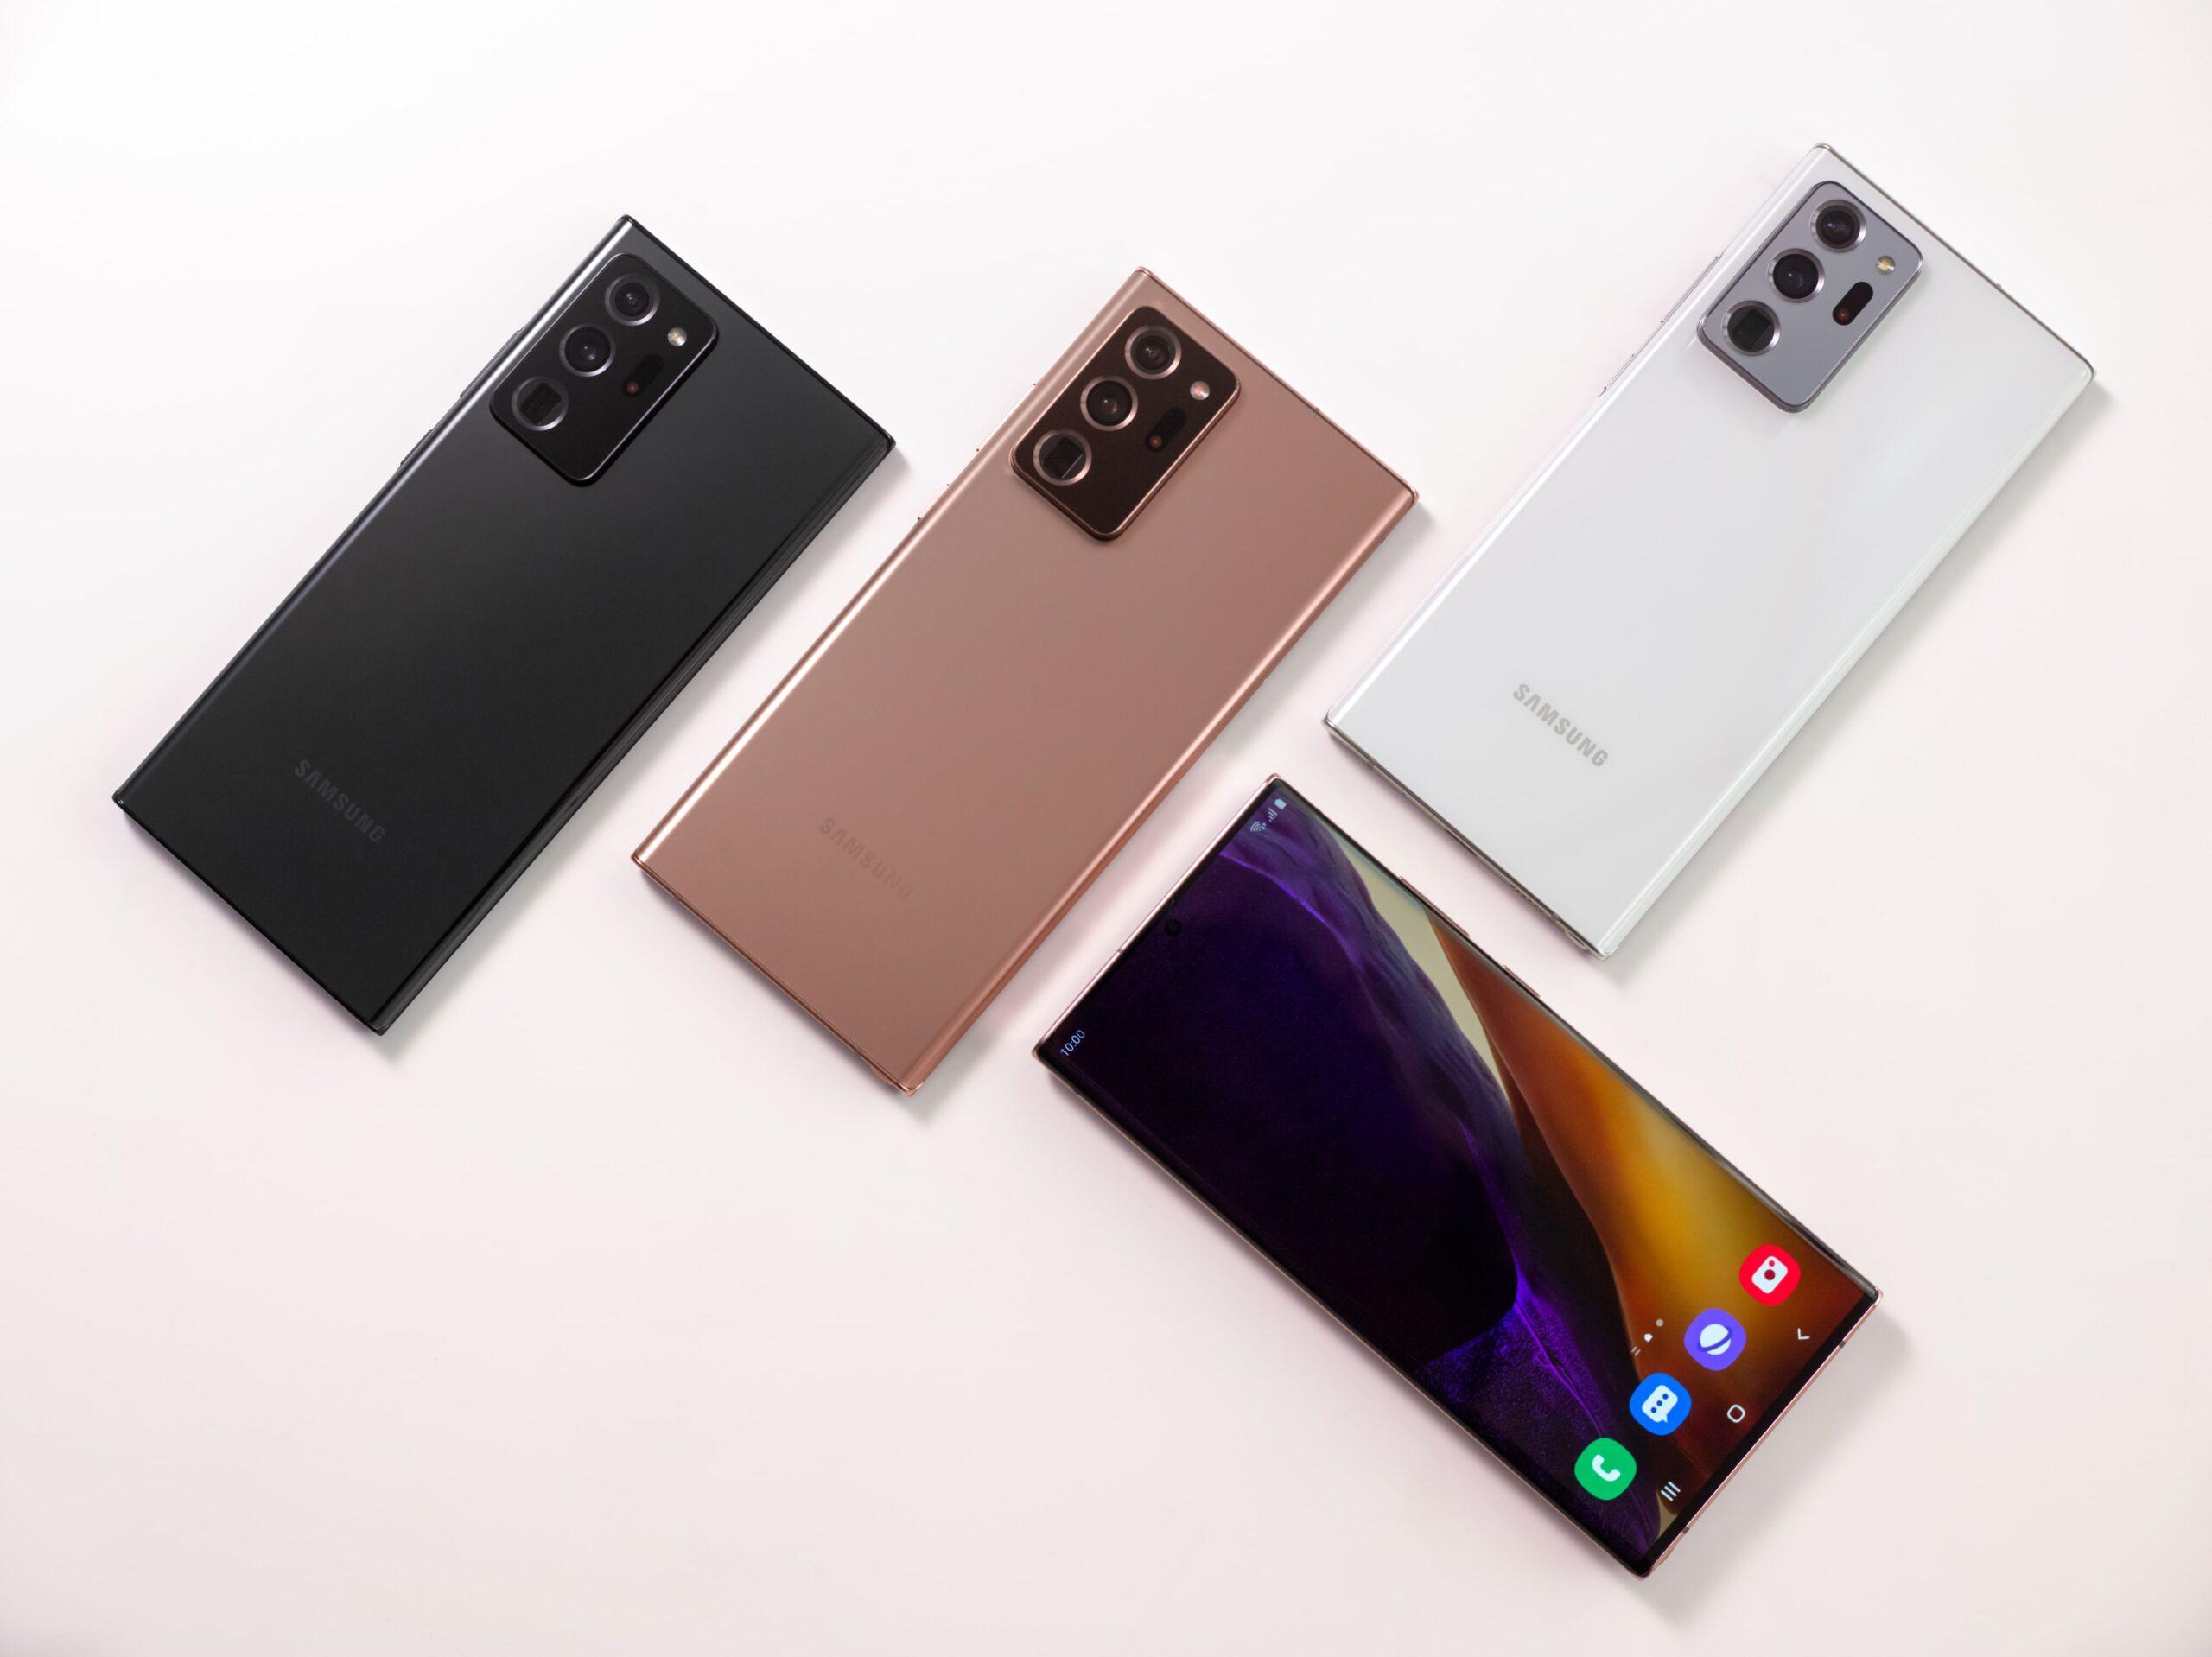 ¿Cuál es la mejor cámara de celular del mundo según el Foro VCX?